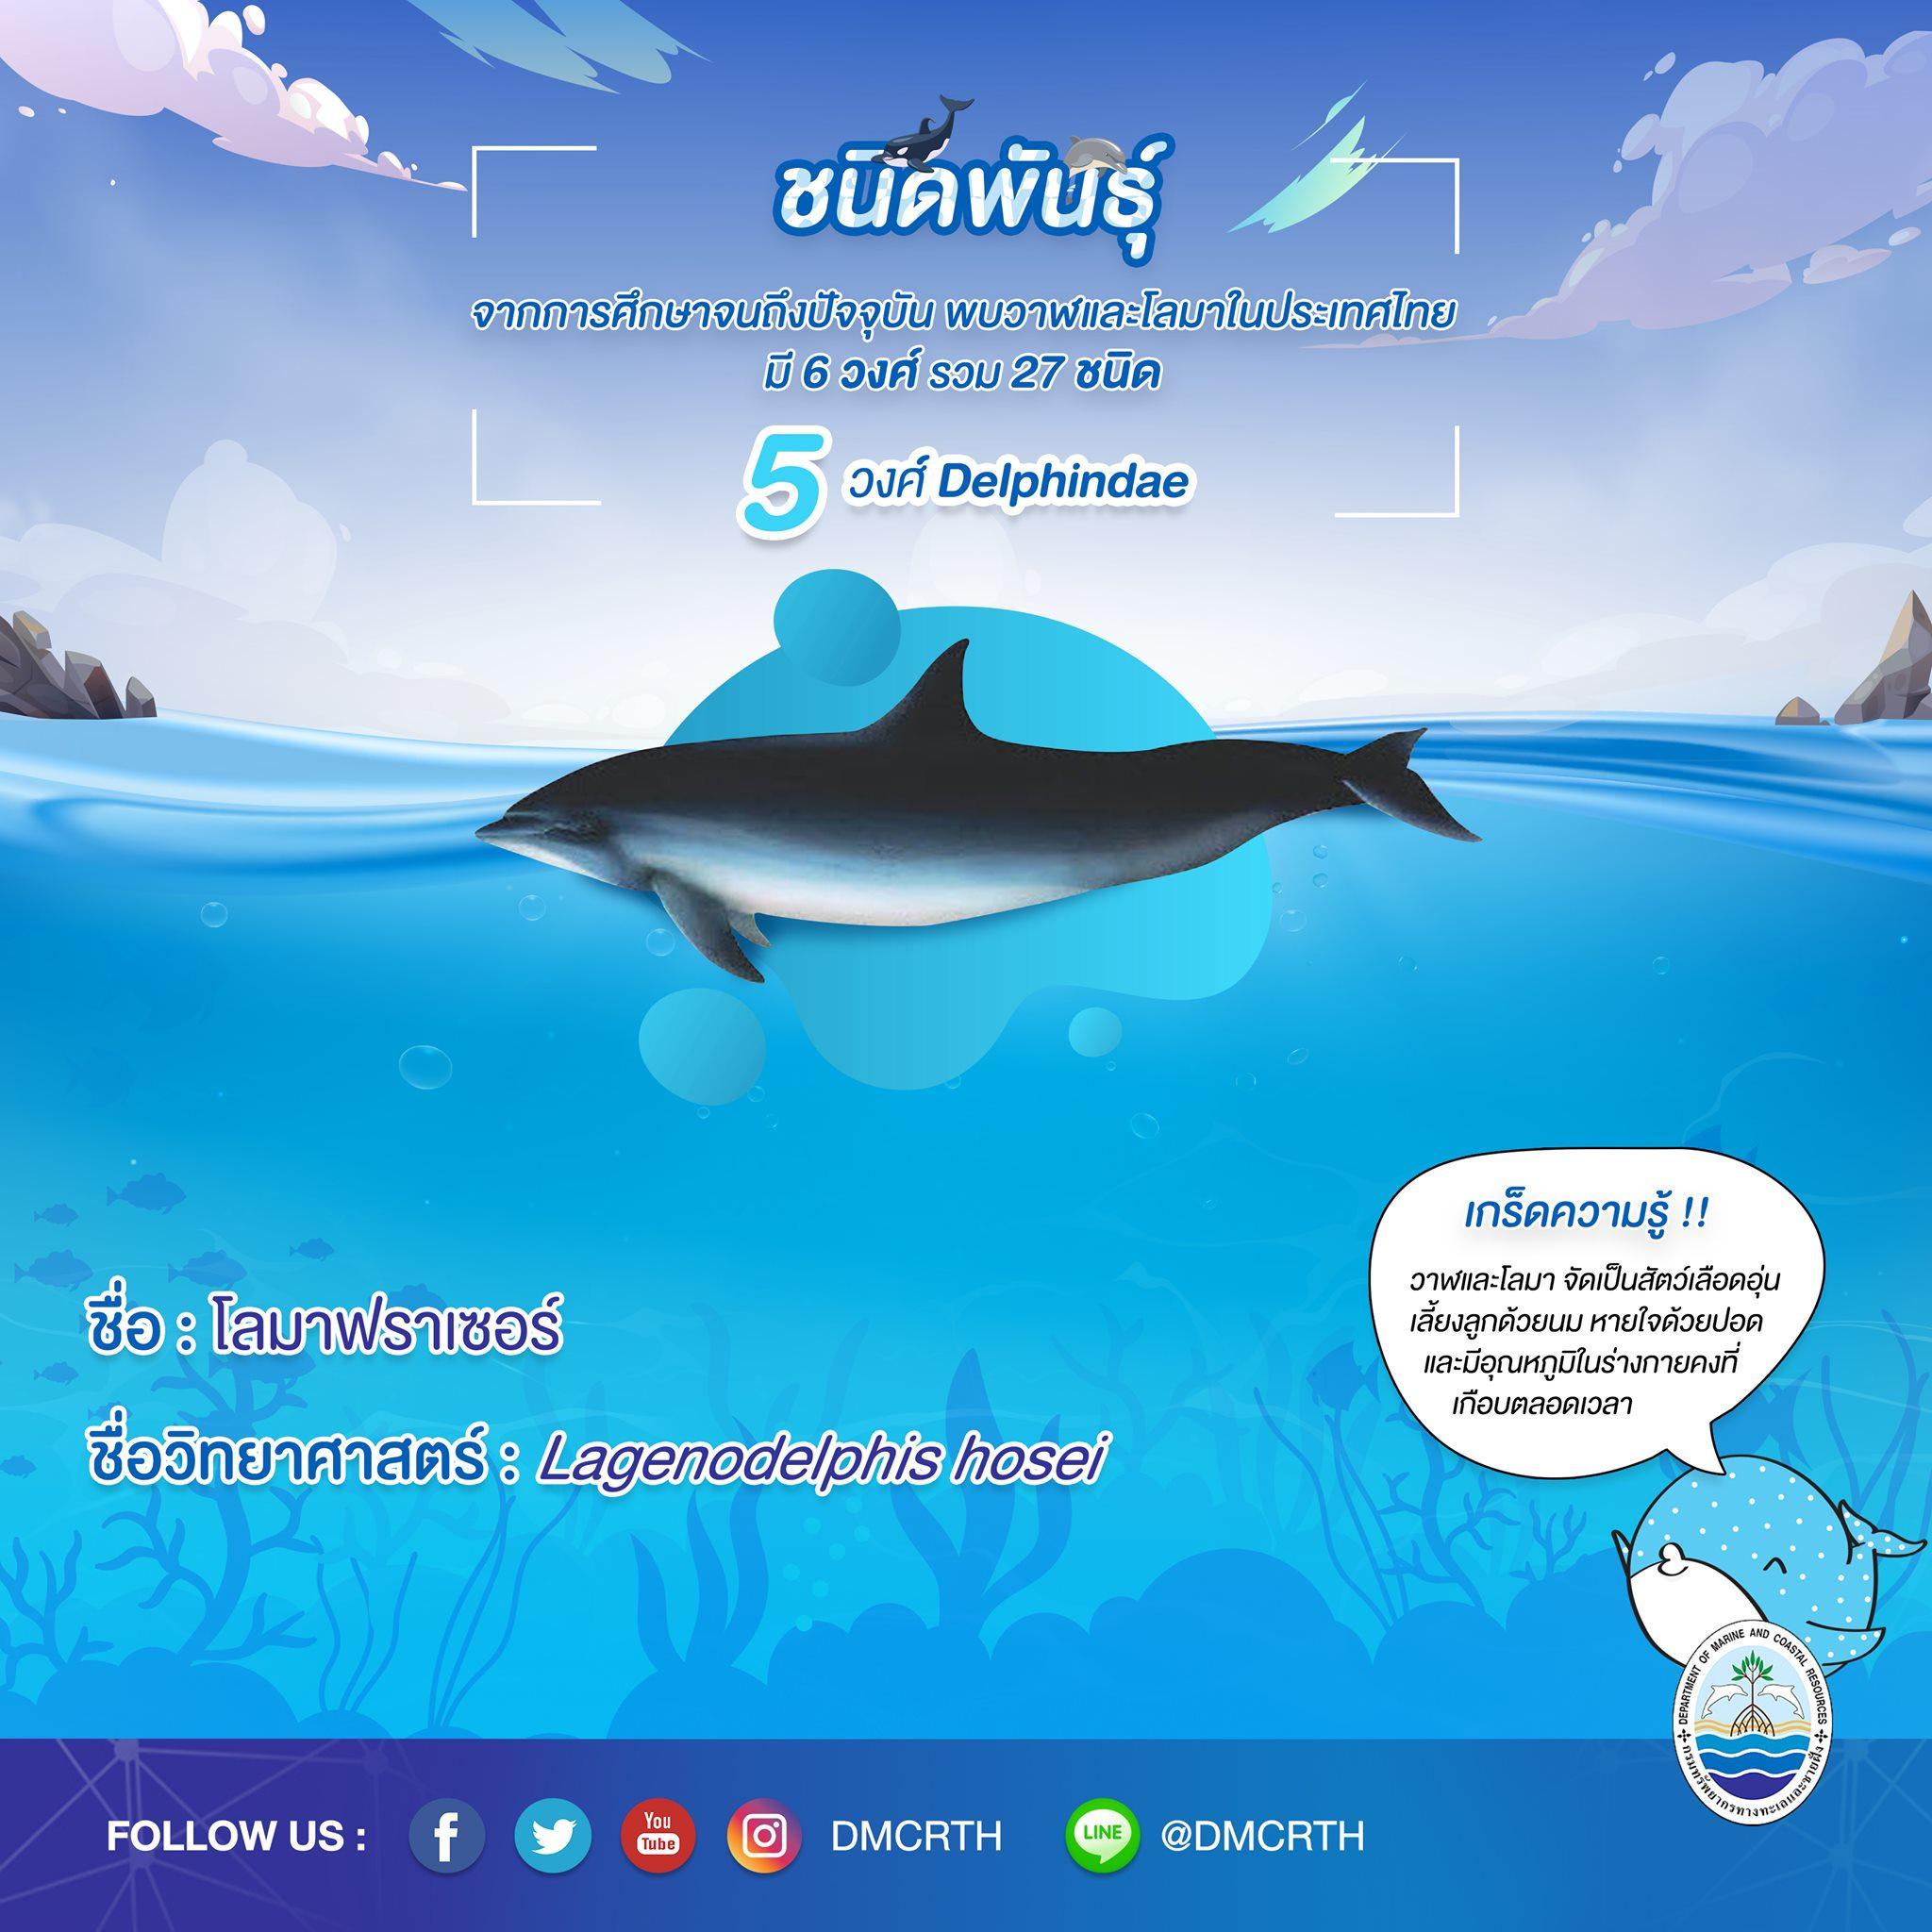 รู้จักเรา รู้จักวาฬ/โลมา วันละชนิด #๒๔ โลมาฟราเซอร์